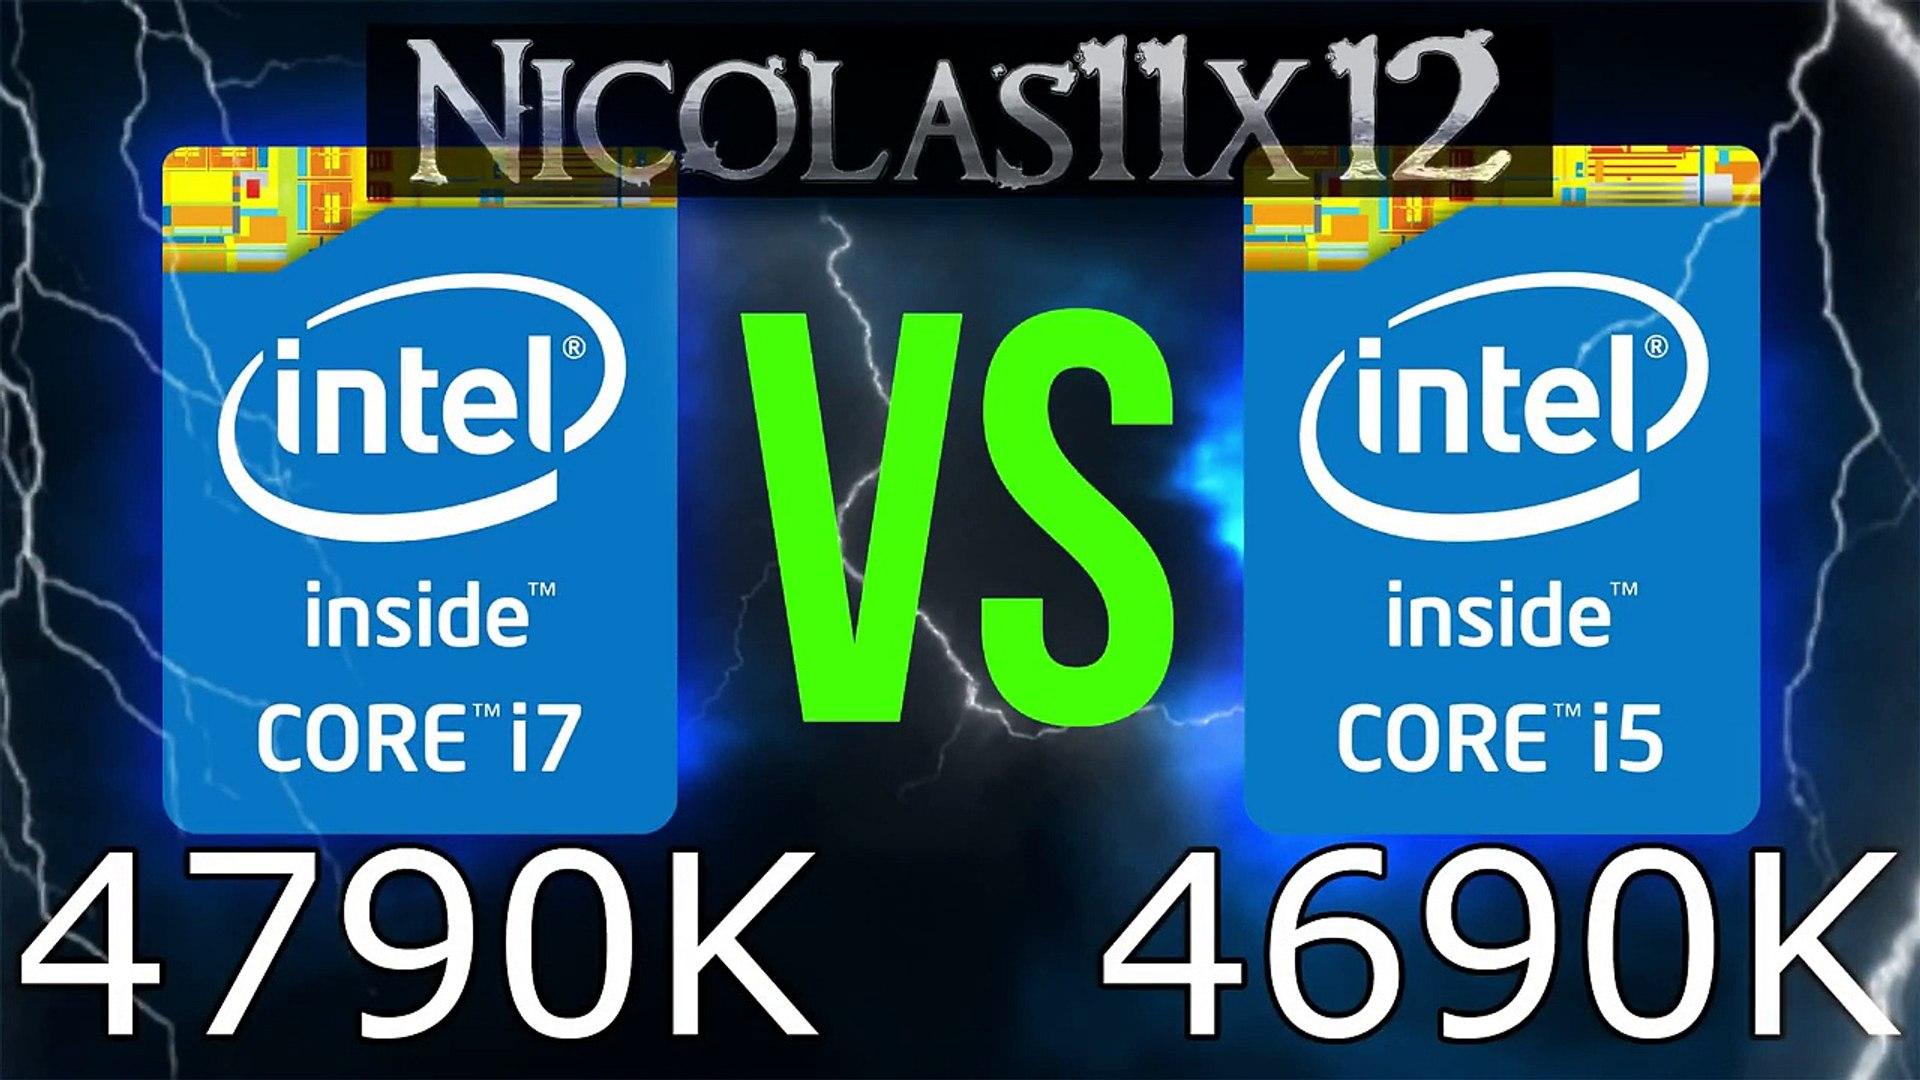 4440 vs 4690k